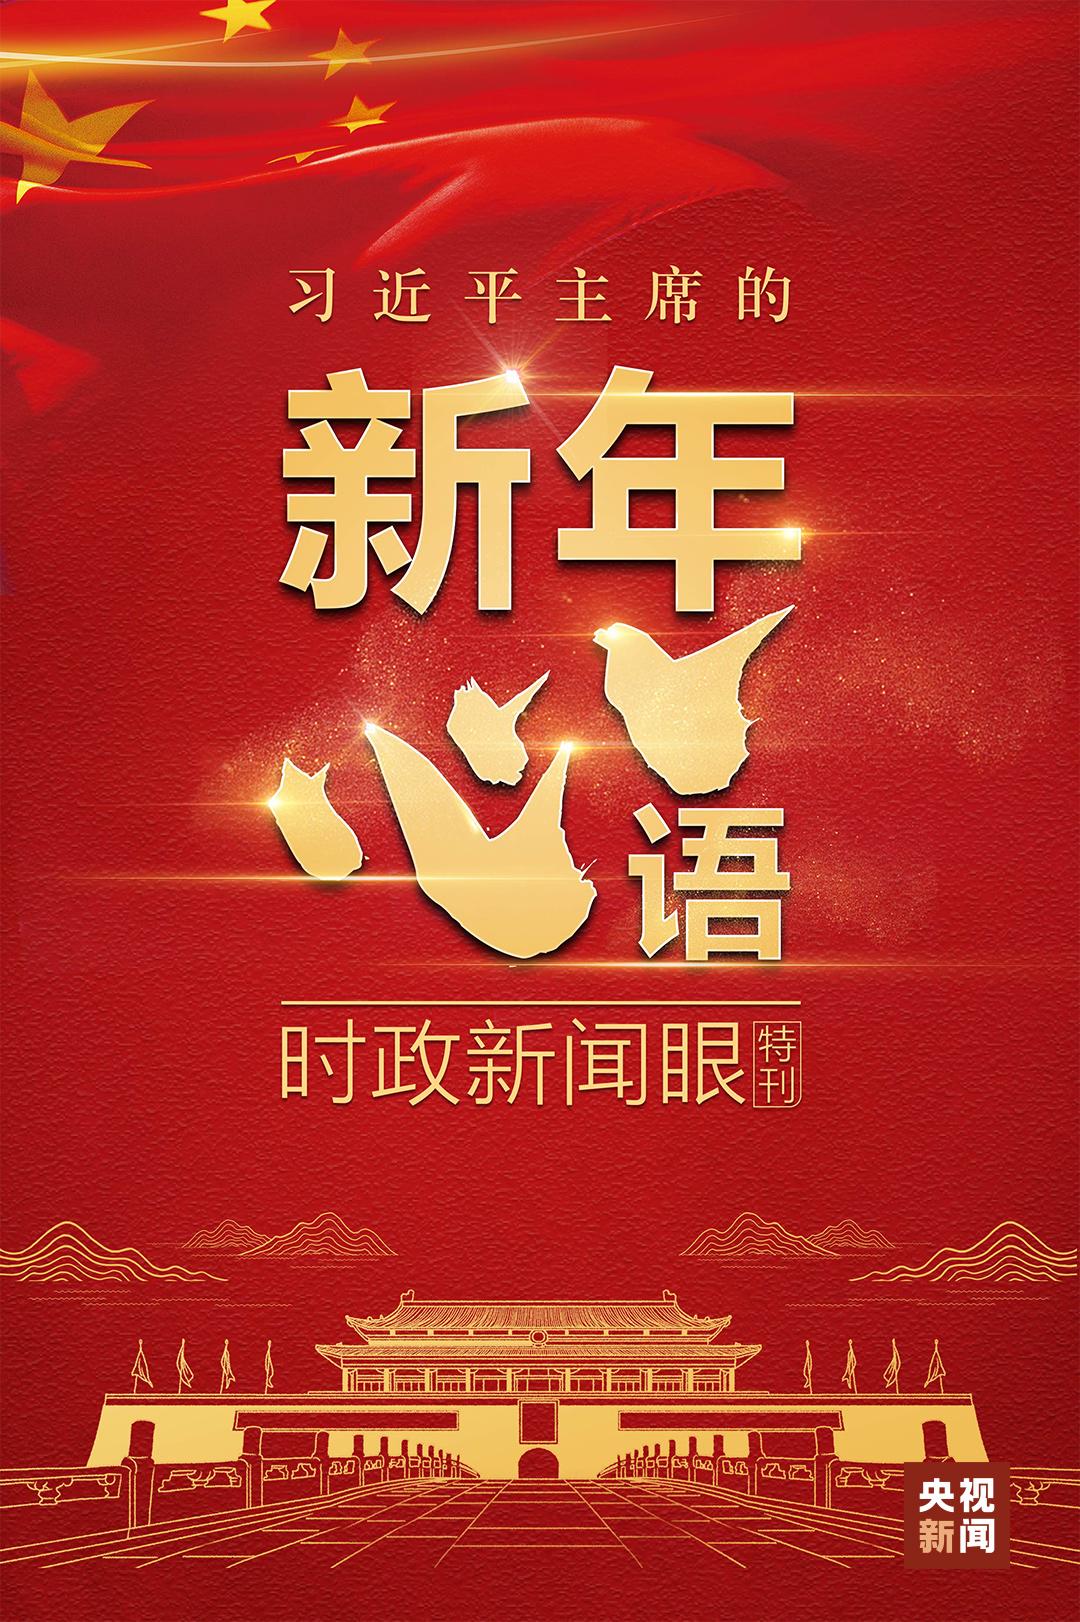 """2019年12月31日晚7时,国家主席习近平通过中央广播电视总台和互联网,发表了二�二�年新年贺词。细细品味,这是一篇用""""心""""回望的讲话,串联着过去一年的心头事、心里话。这也是一篇从""""心""""出发的讲话。知心话语,说给亿万中国追梦人听。"""